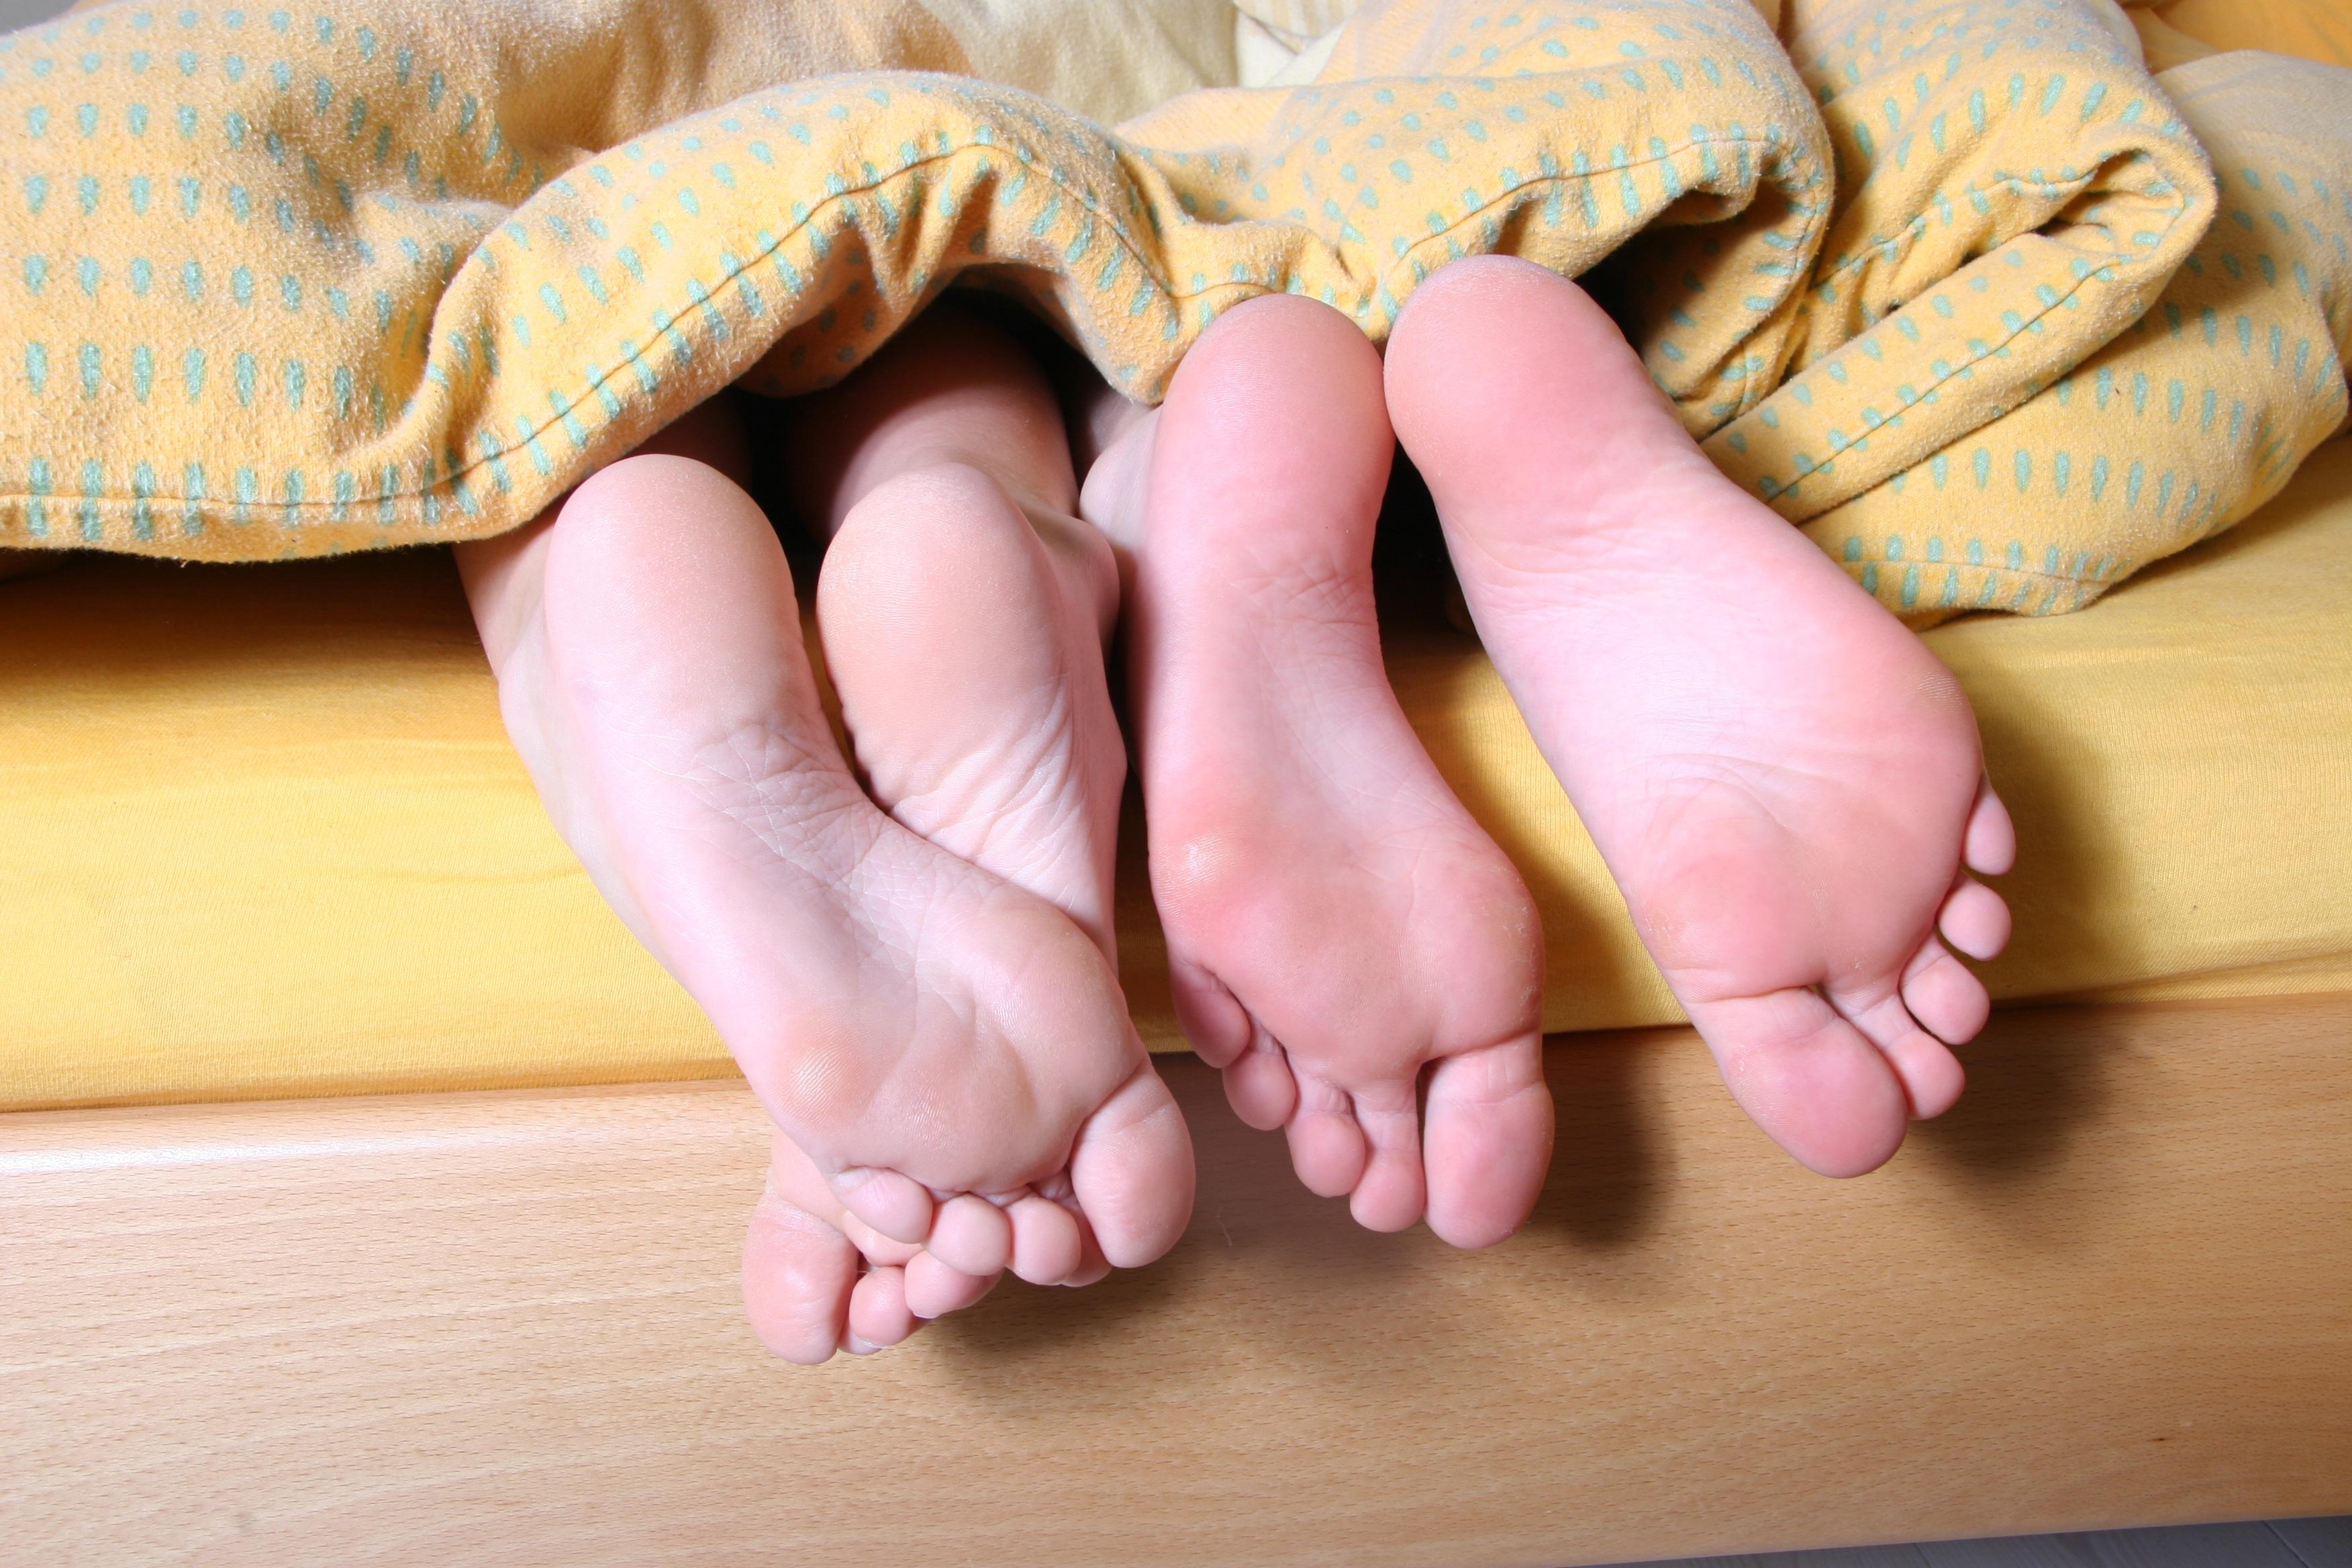 Fotos gratis : mano, pierna, dedo, pie, amarillo, brazo, cuerpo ...